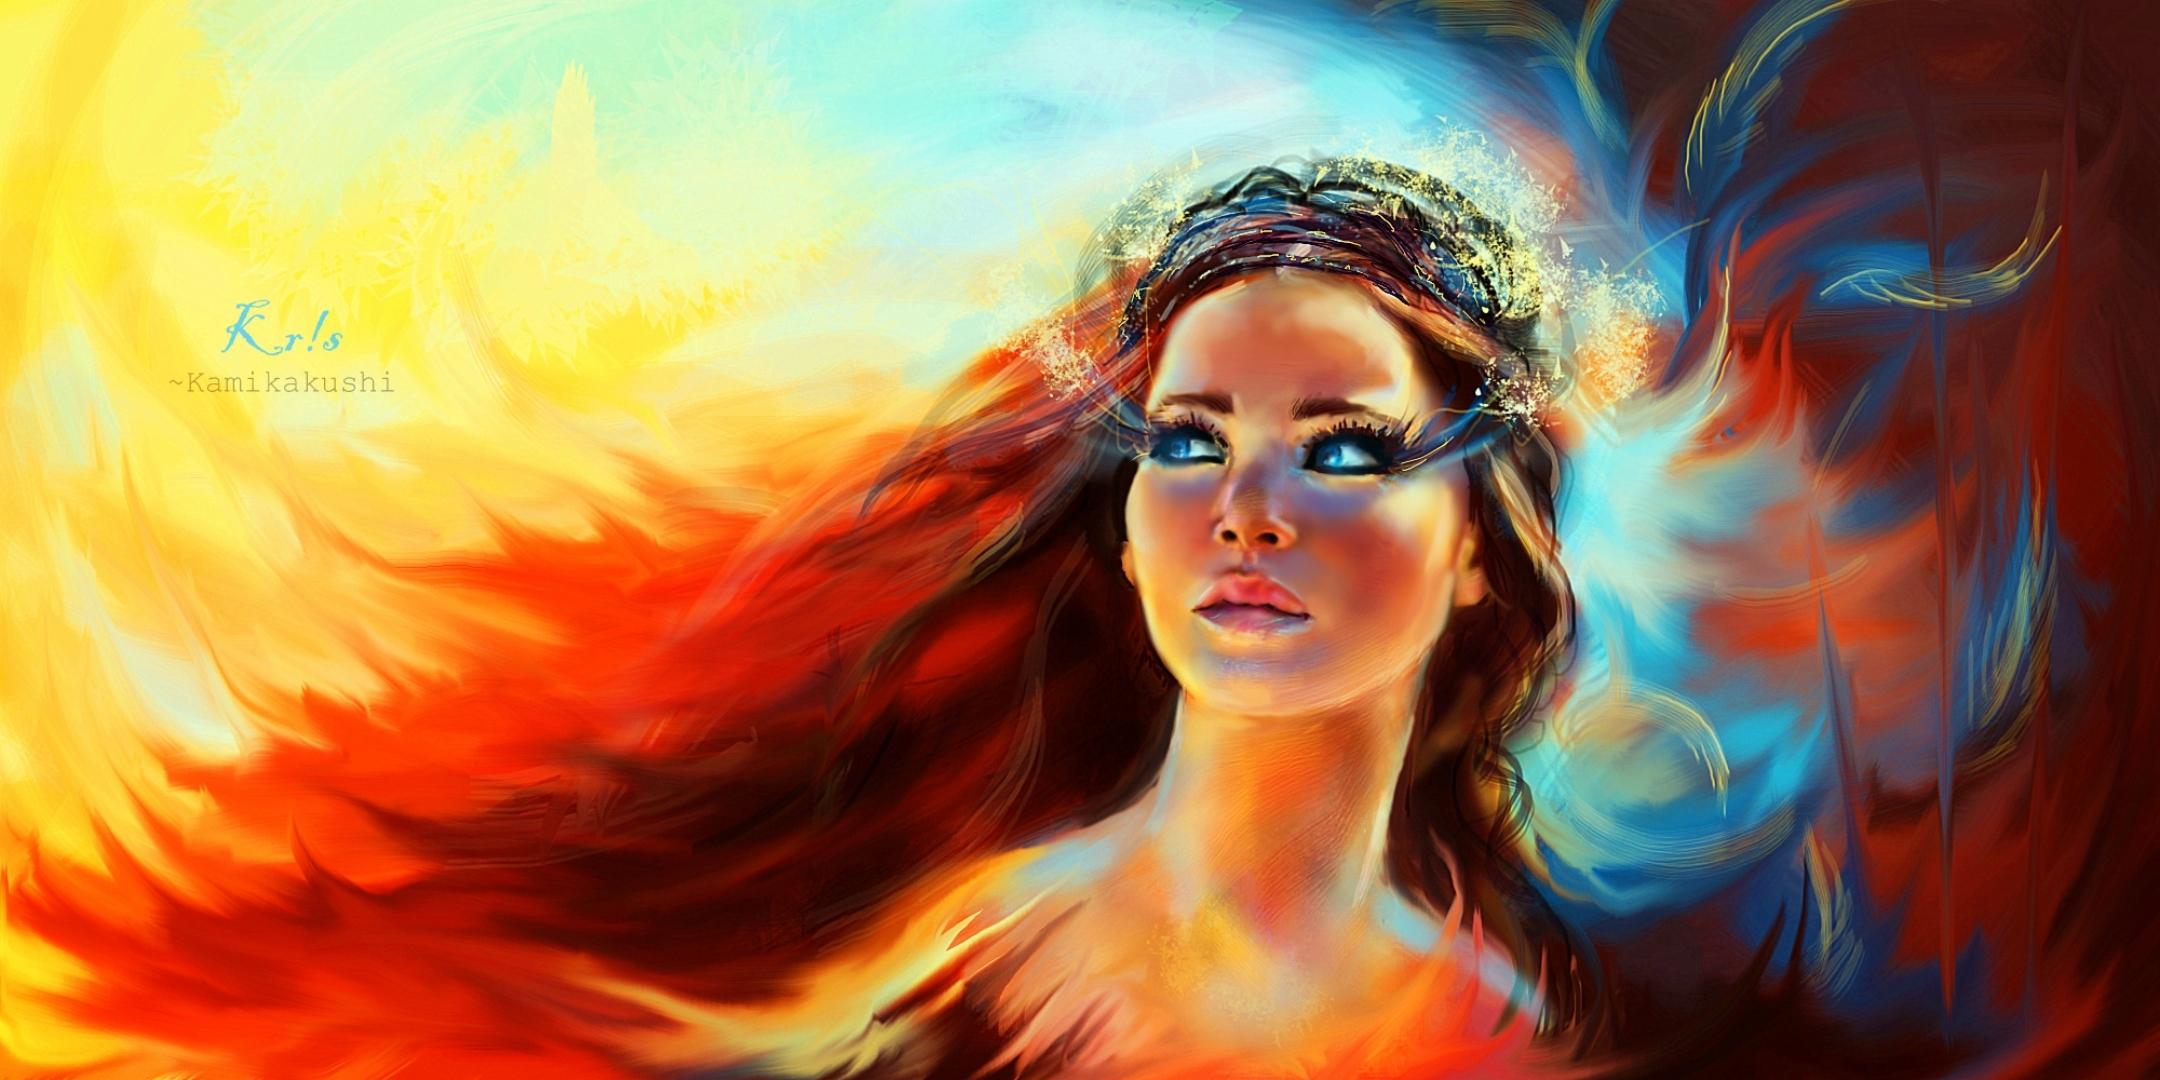 Katniss Everdeen The Hunger Games Illustration Desktop Wallpaper 2160x1080